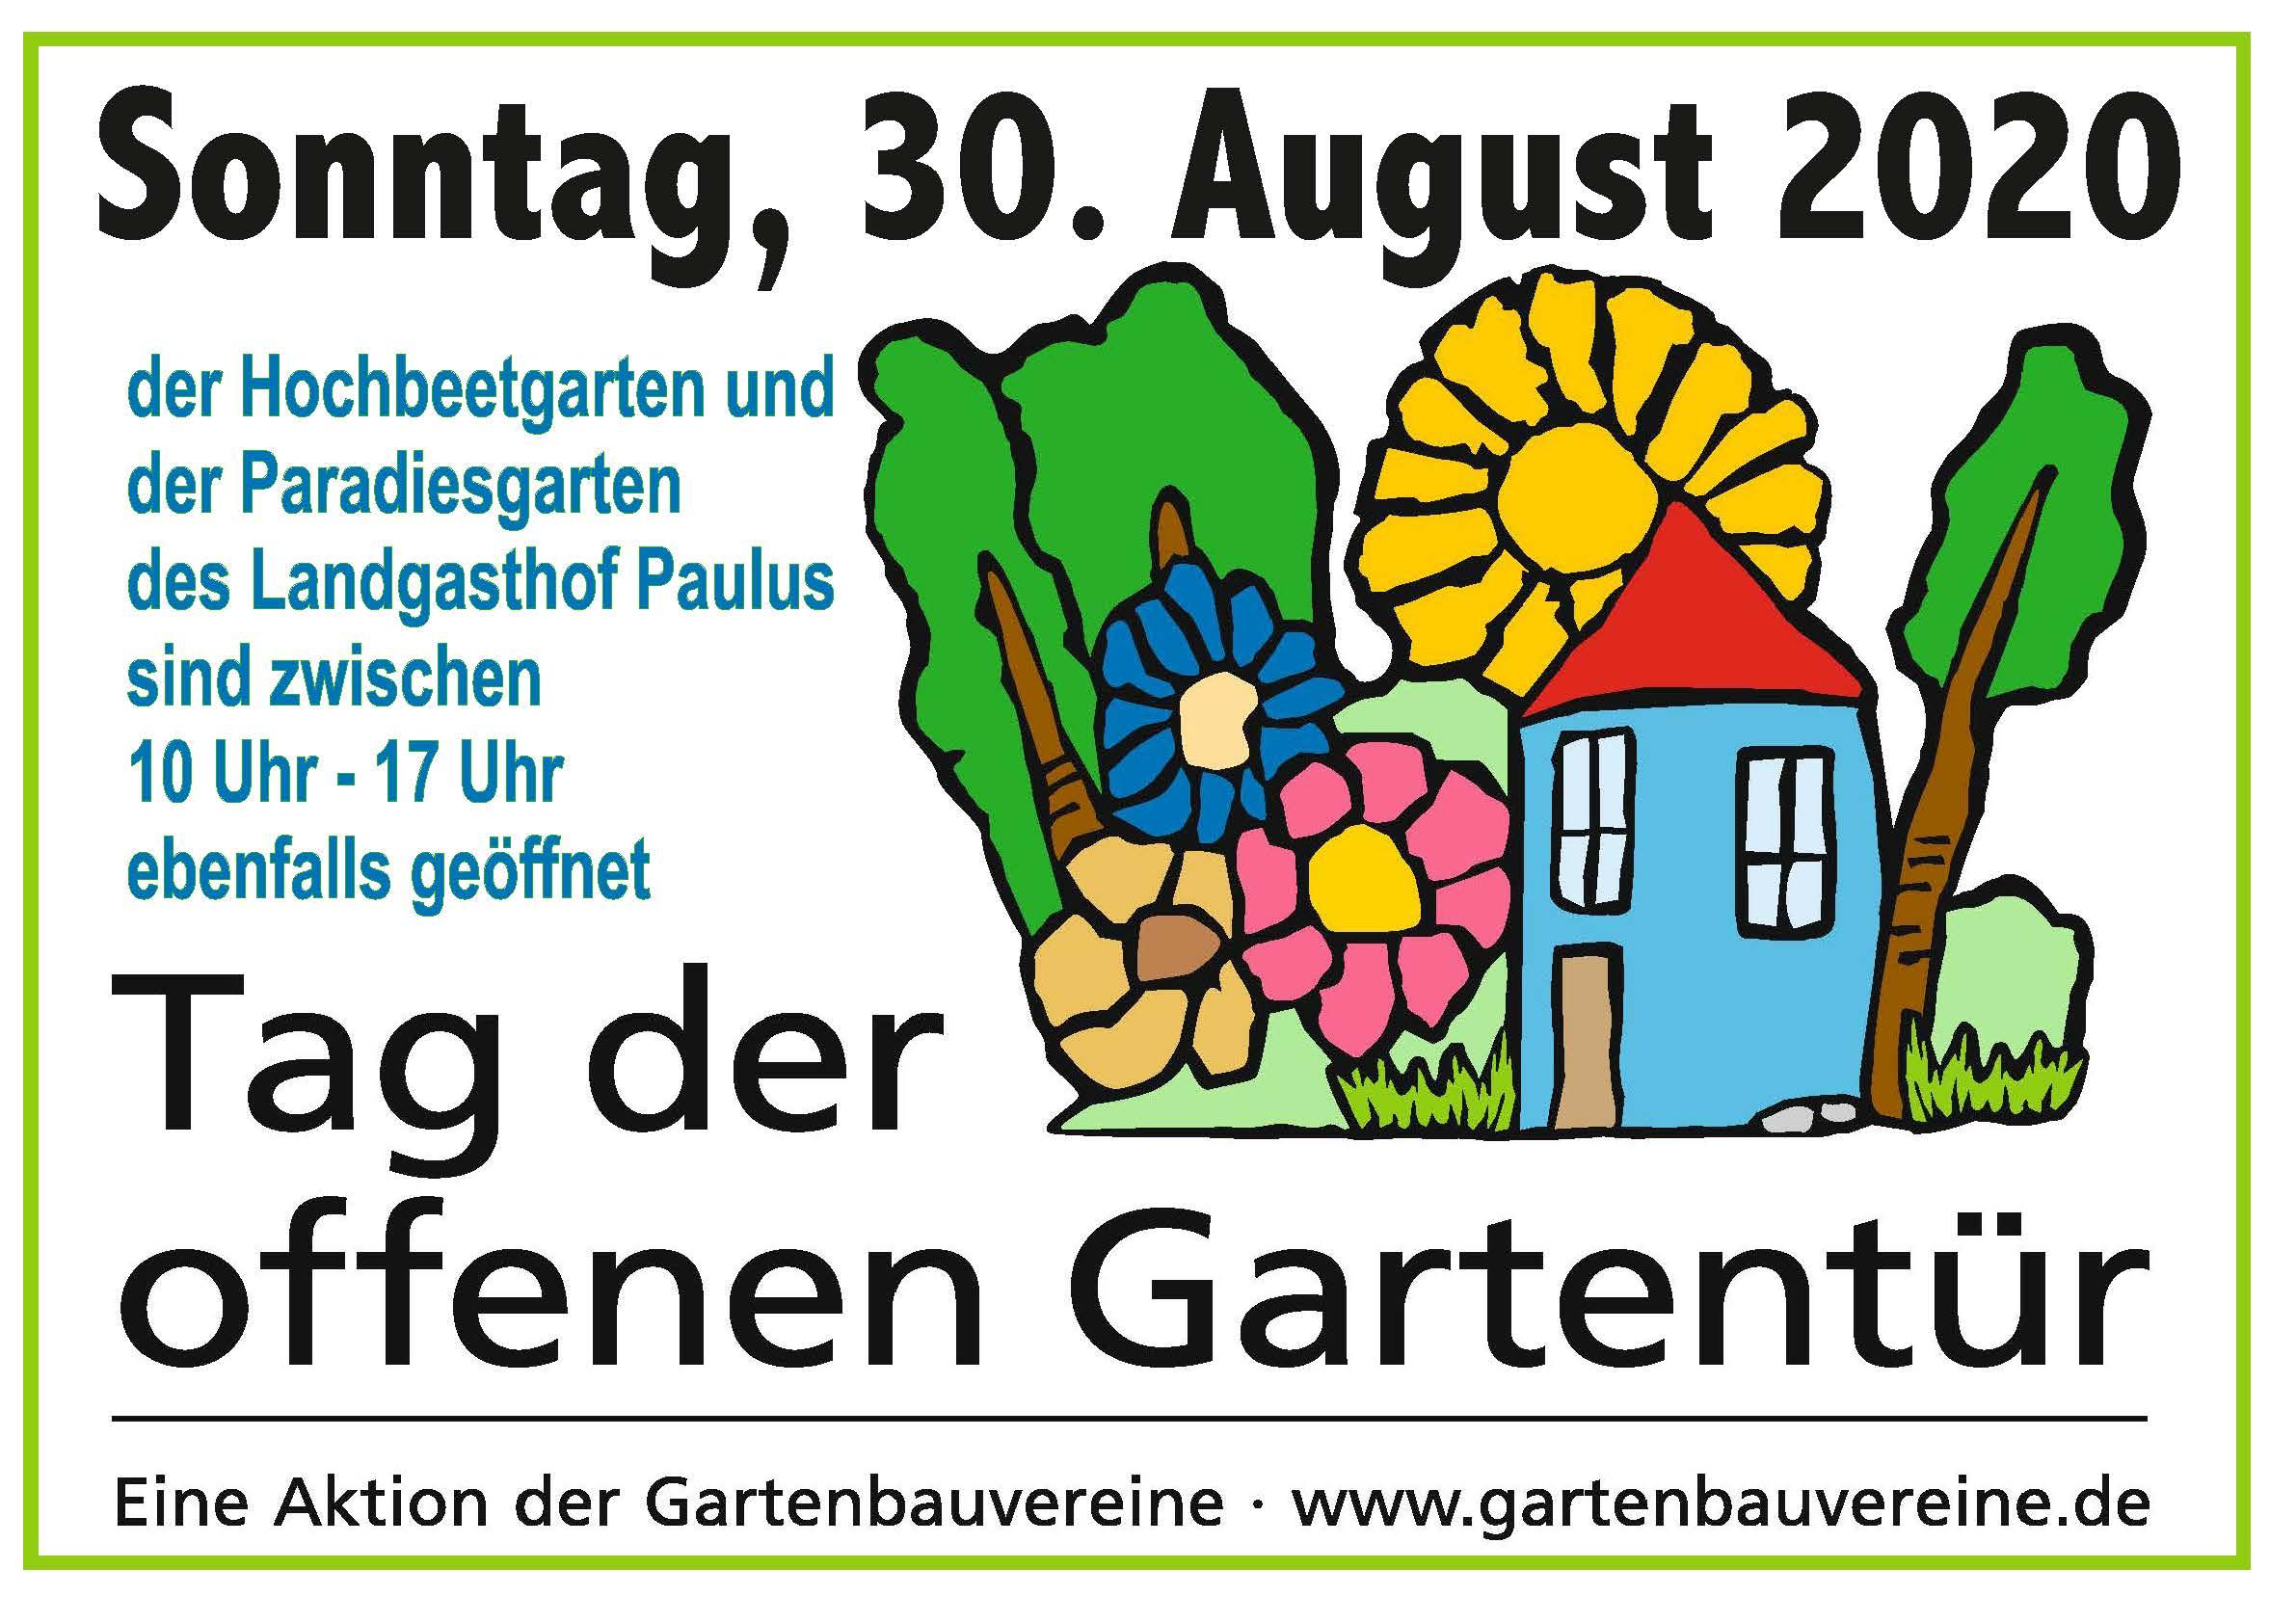 Plakat Gartentür 30. August 2020